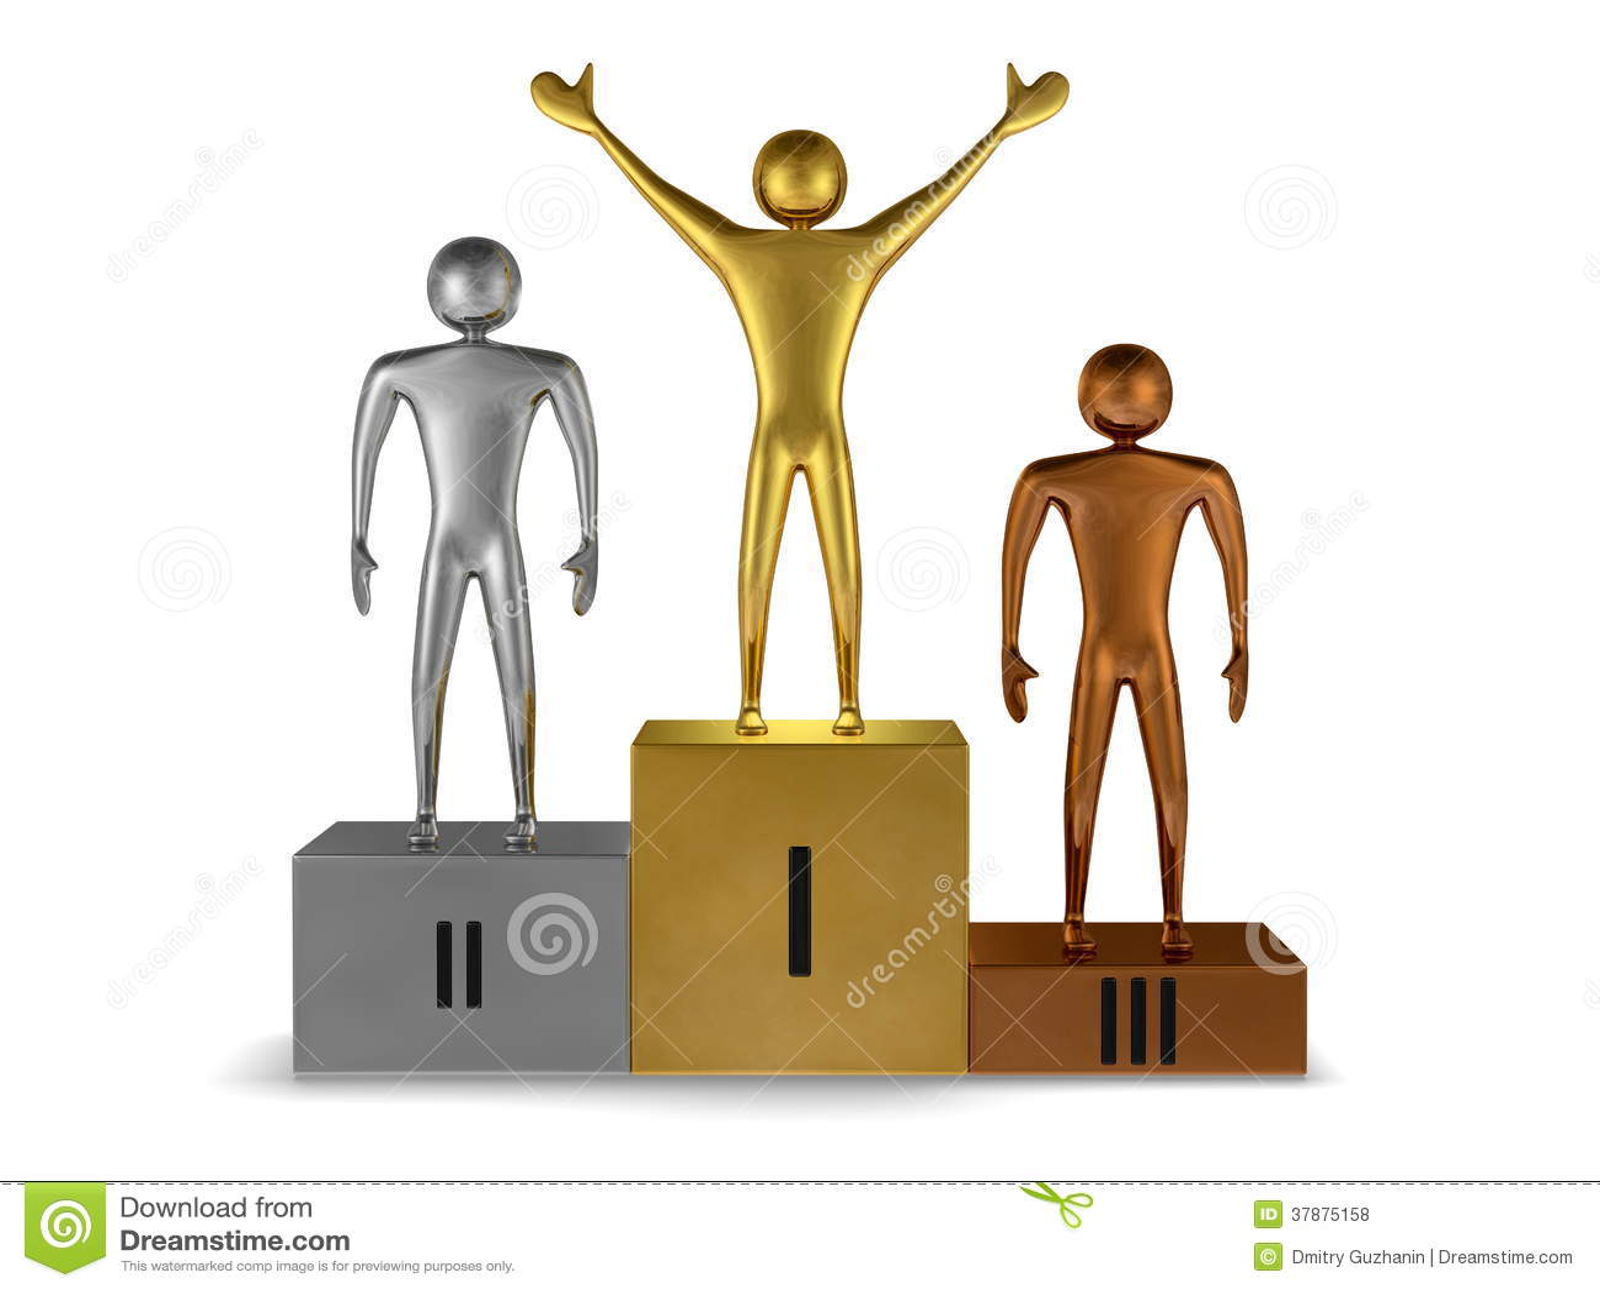 Gouden winnaar, zilver en bronsprizetakers op podium. Vooraanzicht